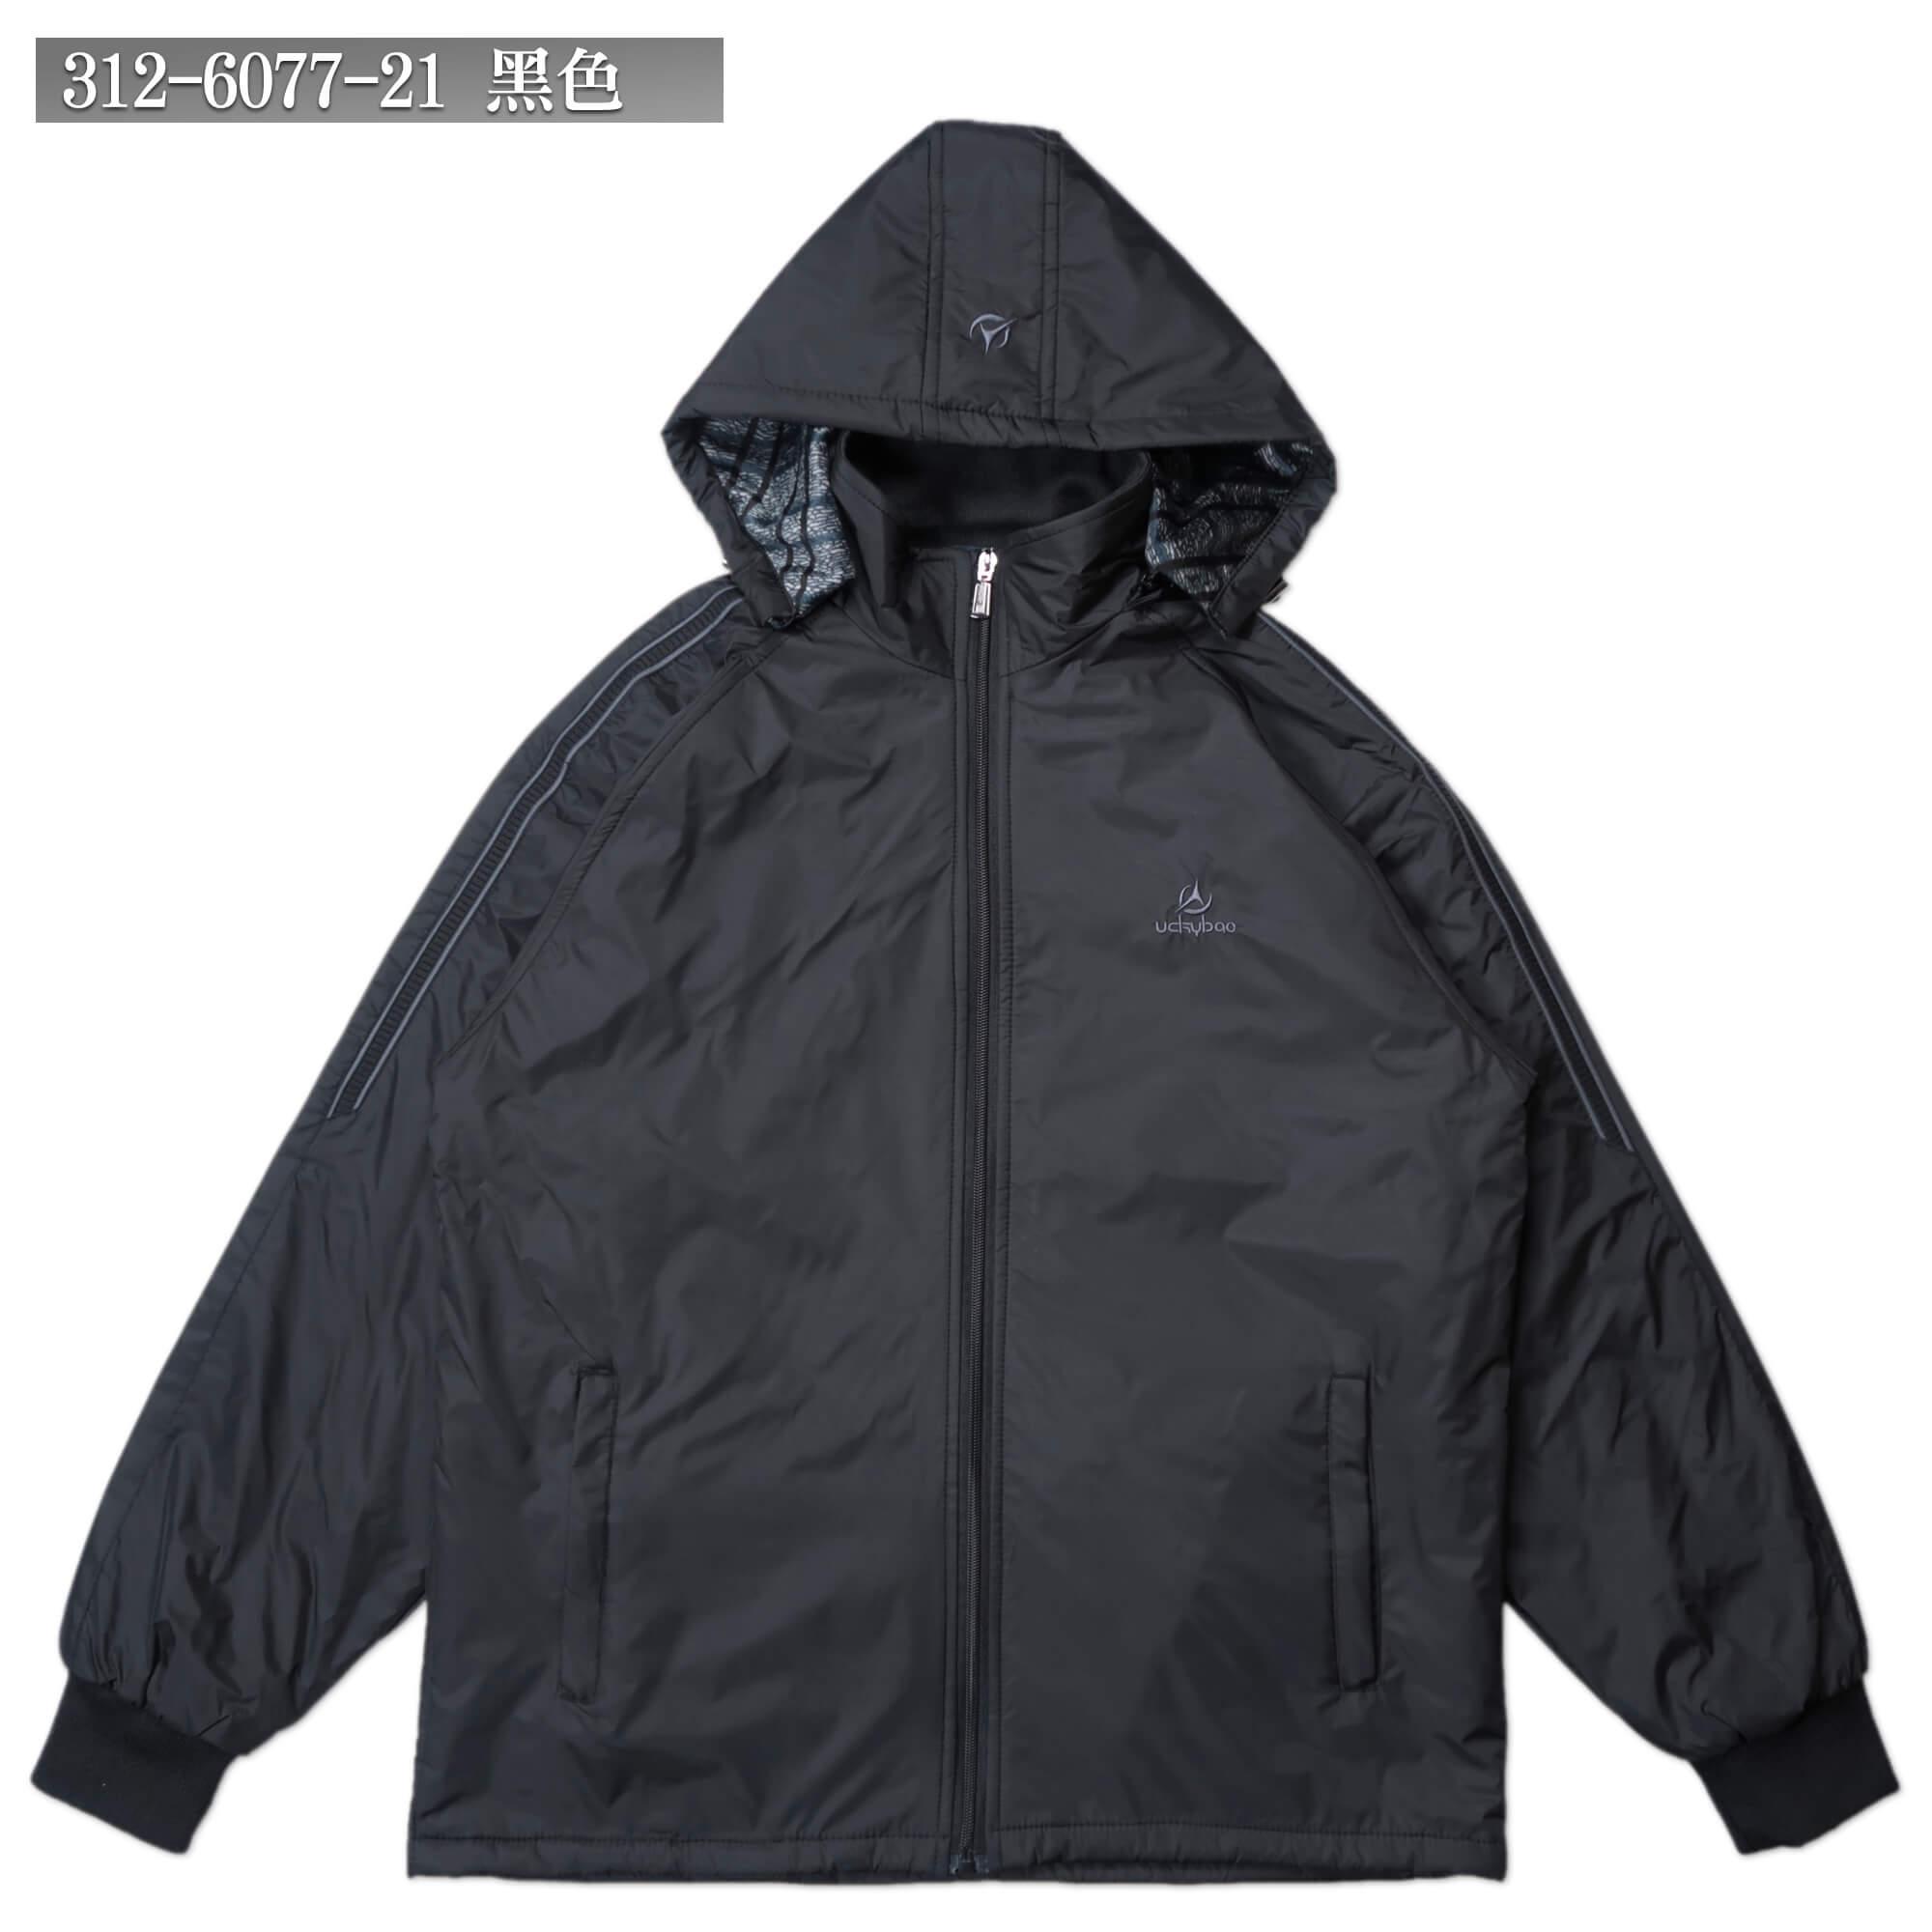 內舖絨布保暖風衣外套 保暖外套 騎士外套 夾克外套 防風外套 黑色外套 FLANNEL LINED WINDBREAKER JACKETS (312-6077-21)黑色 L XL 2L(胸圍46~51英吋) [實體店面保障] sun-e 1